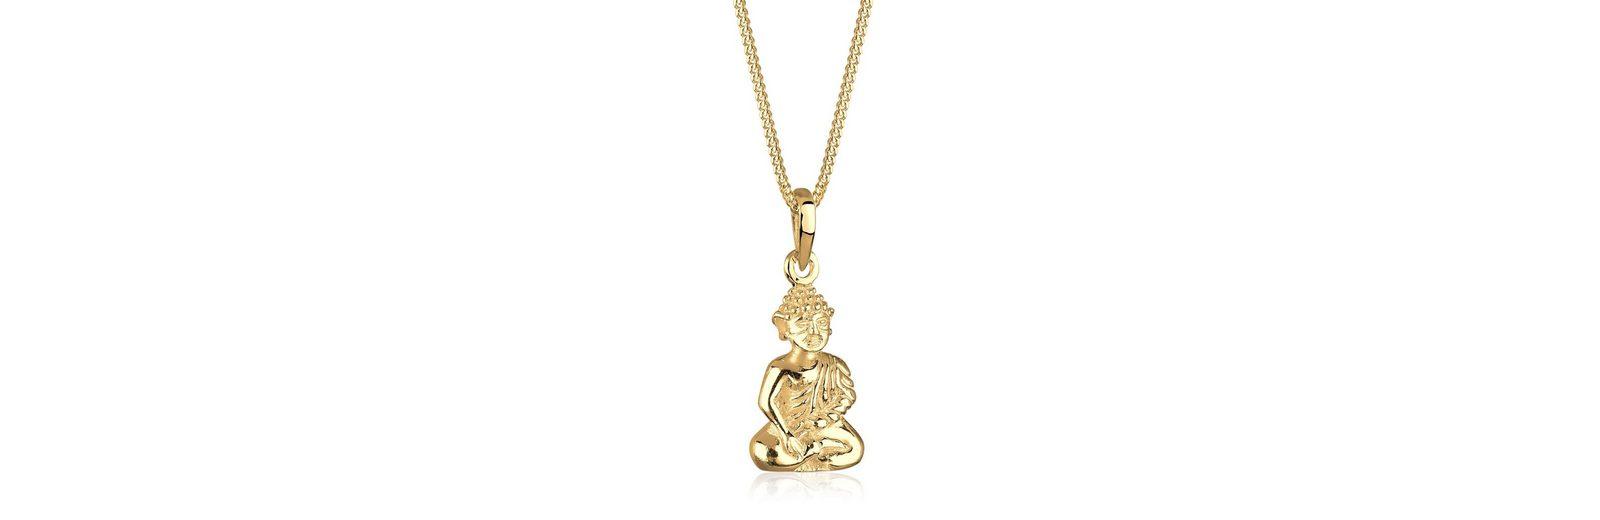 Goldhimmel Halskette »Buddha 925 Sterling Silber vergoldet«